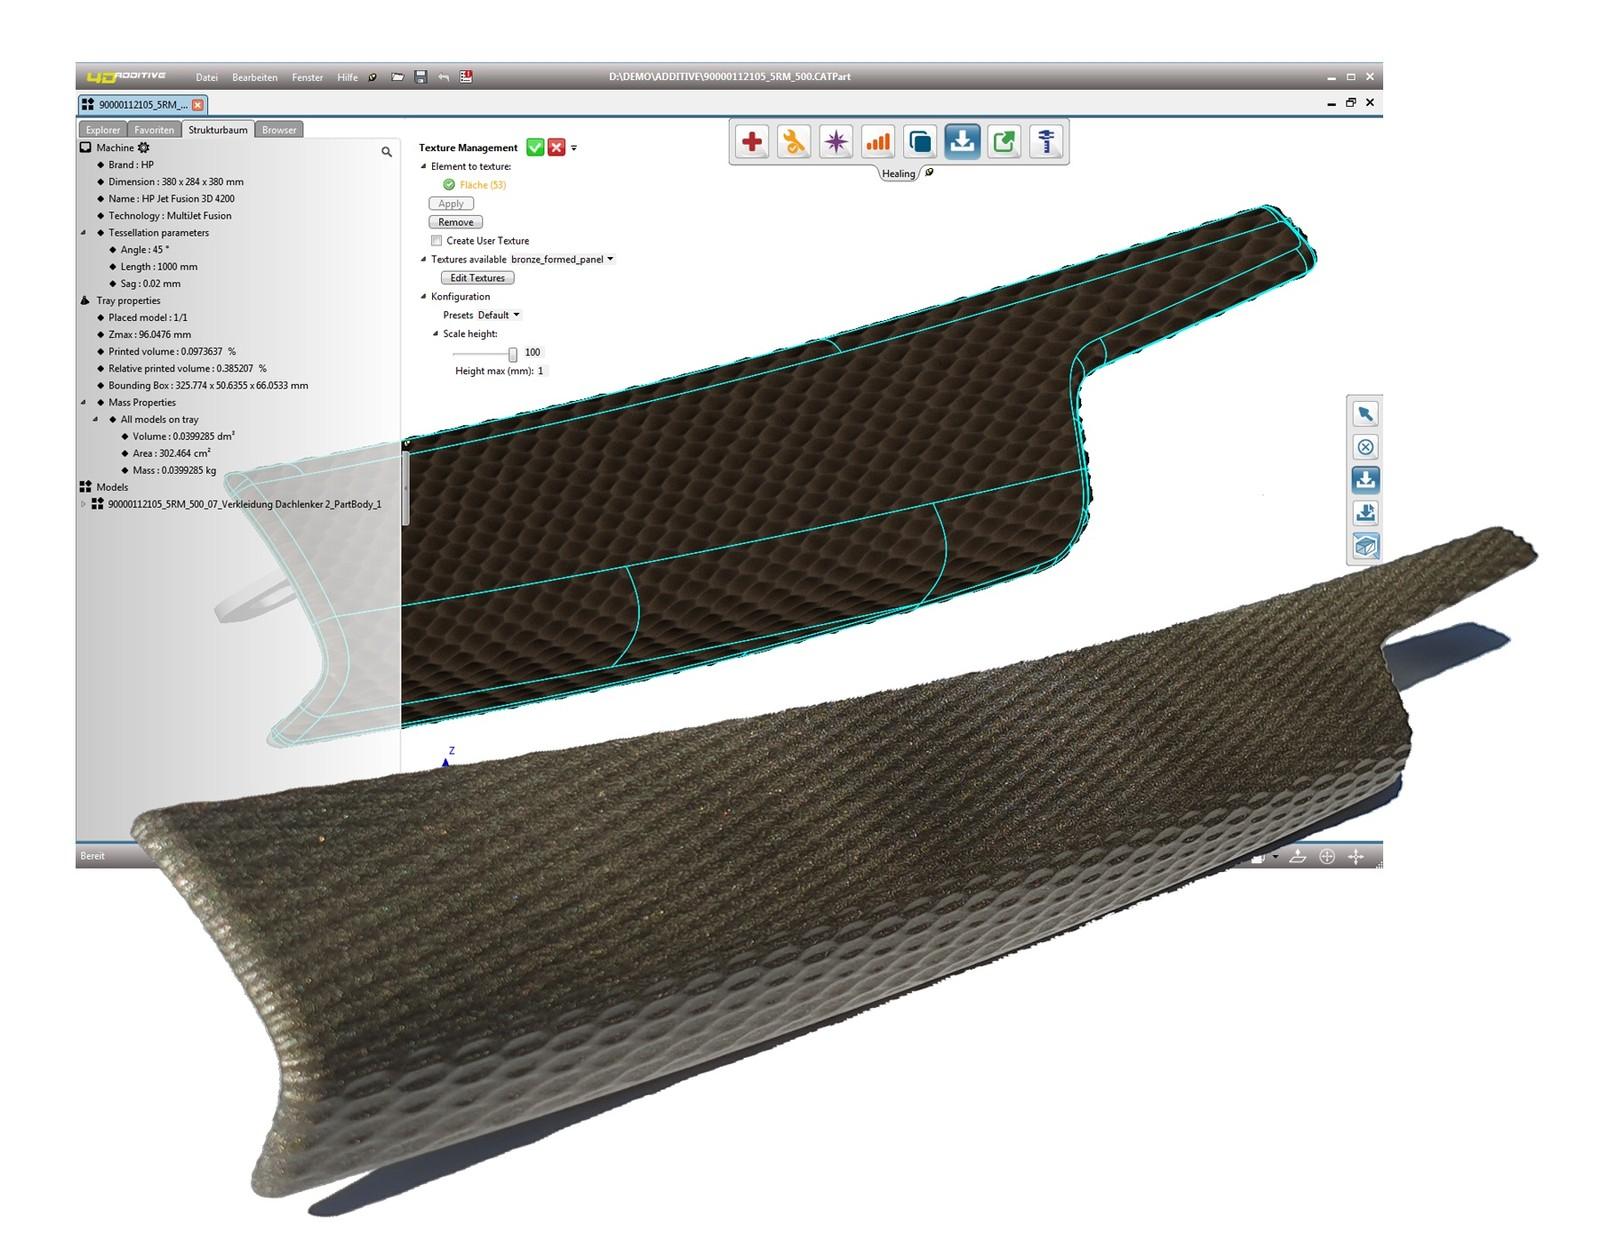 Für den 3D-Druck der Thermoplastteile stellt das Unternehmen Additive Innovation über 5.ooo Texturmuster zur Verfügung.